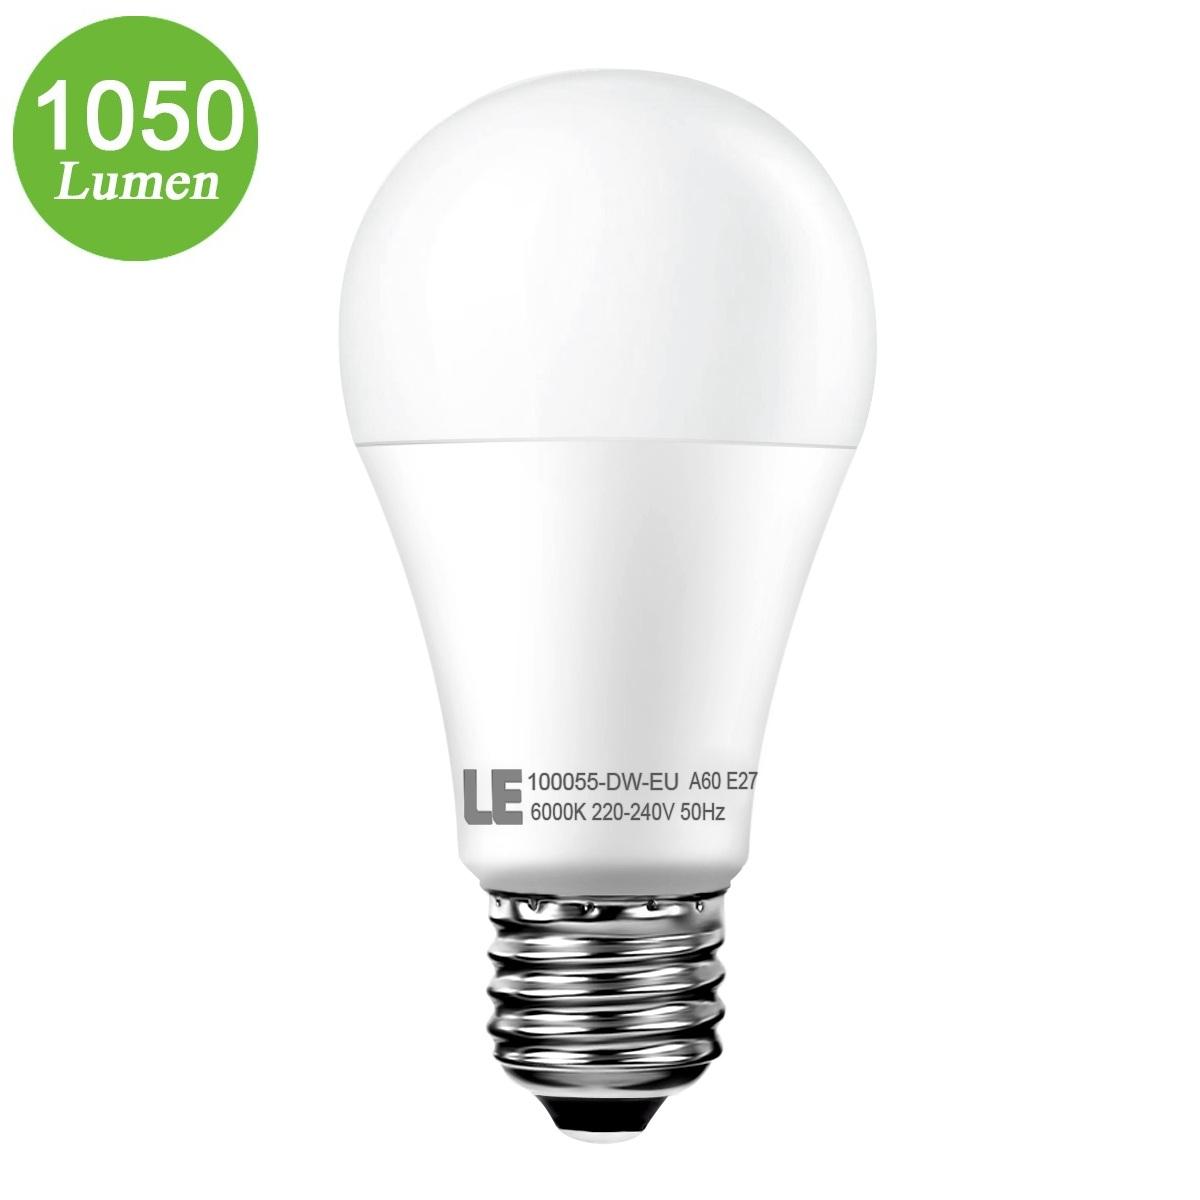 12W A60 E27 LED Birnen, 1050lm GLS Lampen, Entspricht einer 75W Glühbirne, Kaltwei?